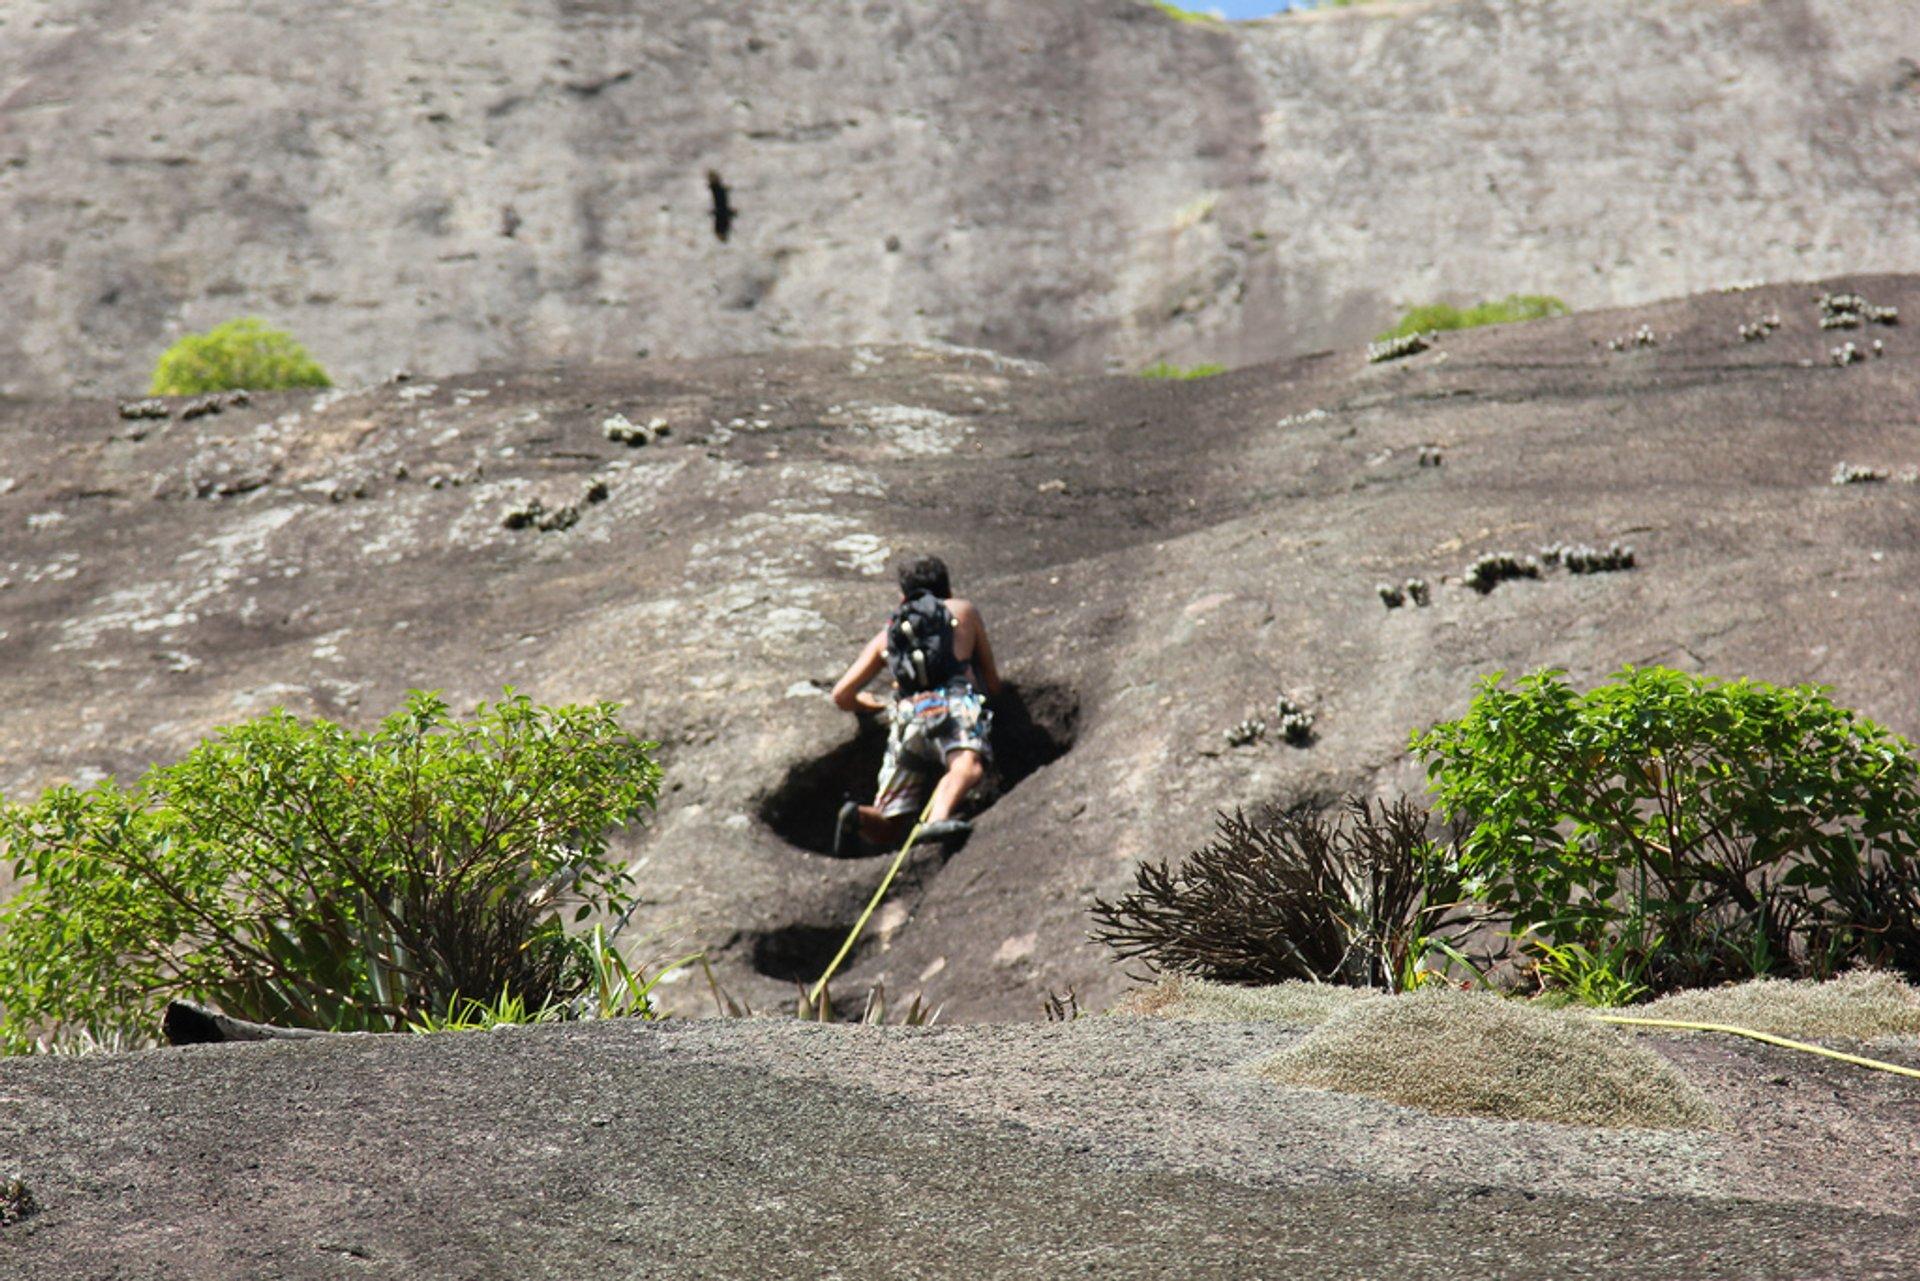 Rock Climbing in Rio de Janeiro - Best Season 2020